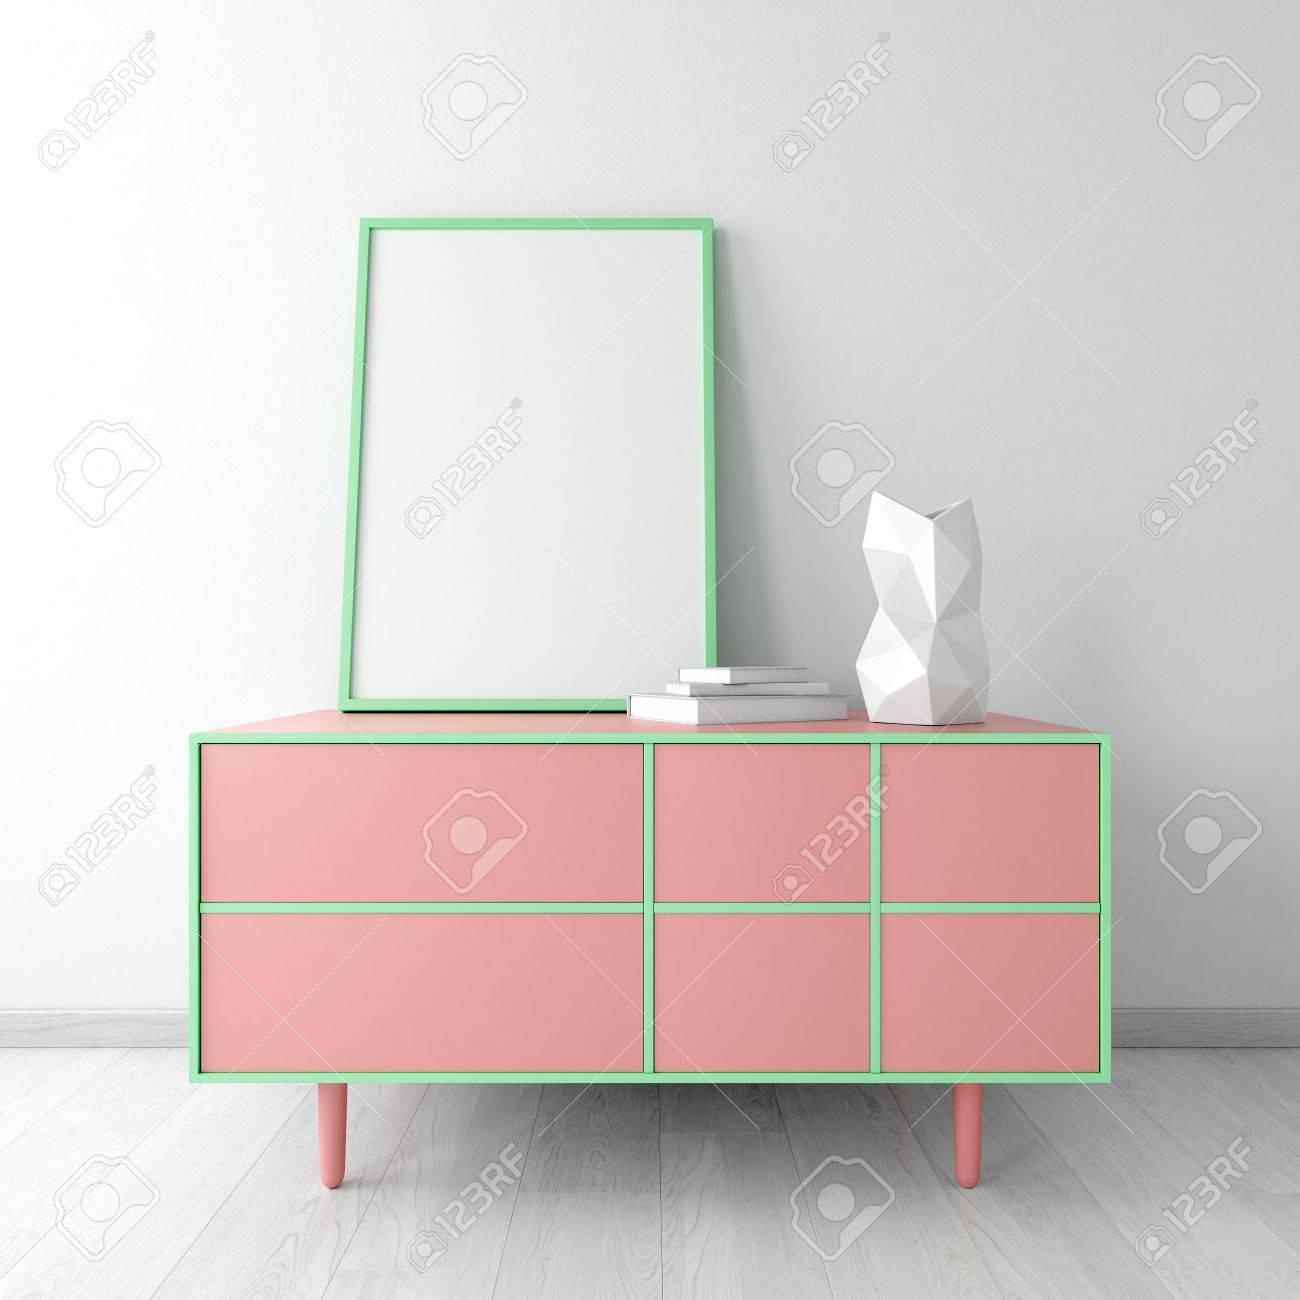 Rosa Kommode Mit Rahmen Und Vase Im Weissen Raum Interior Mockup